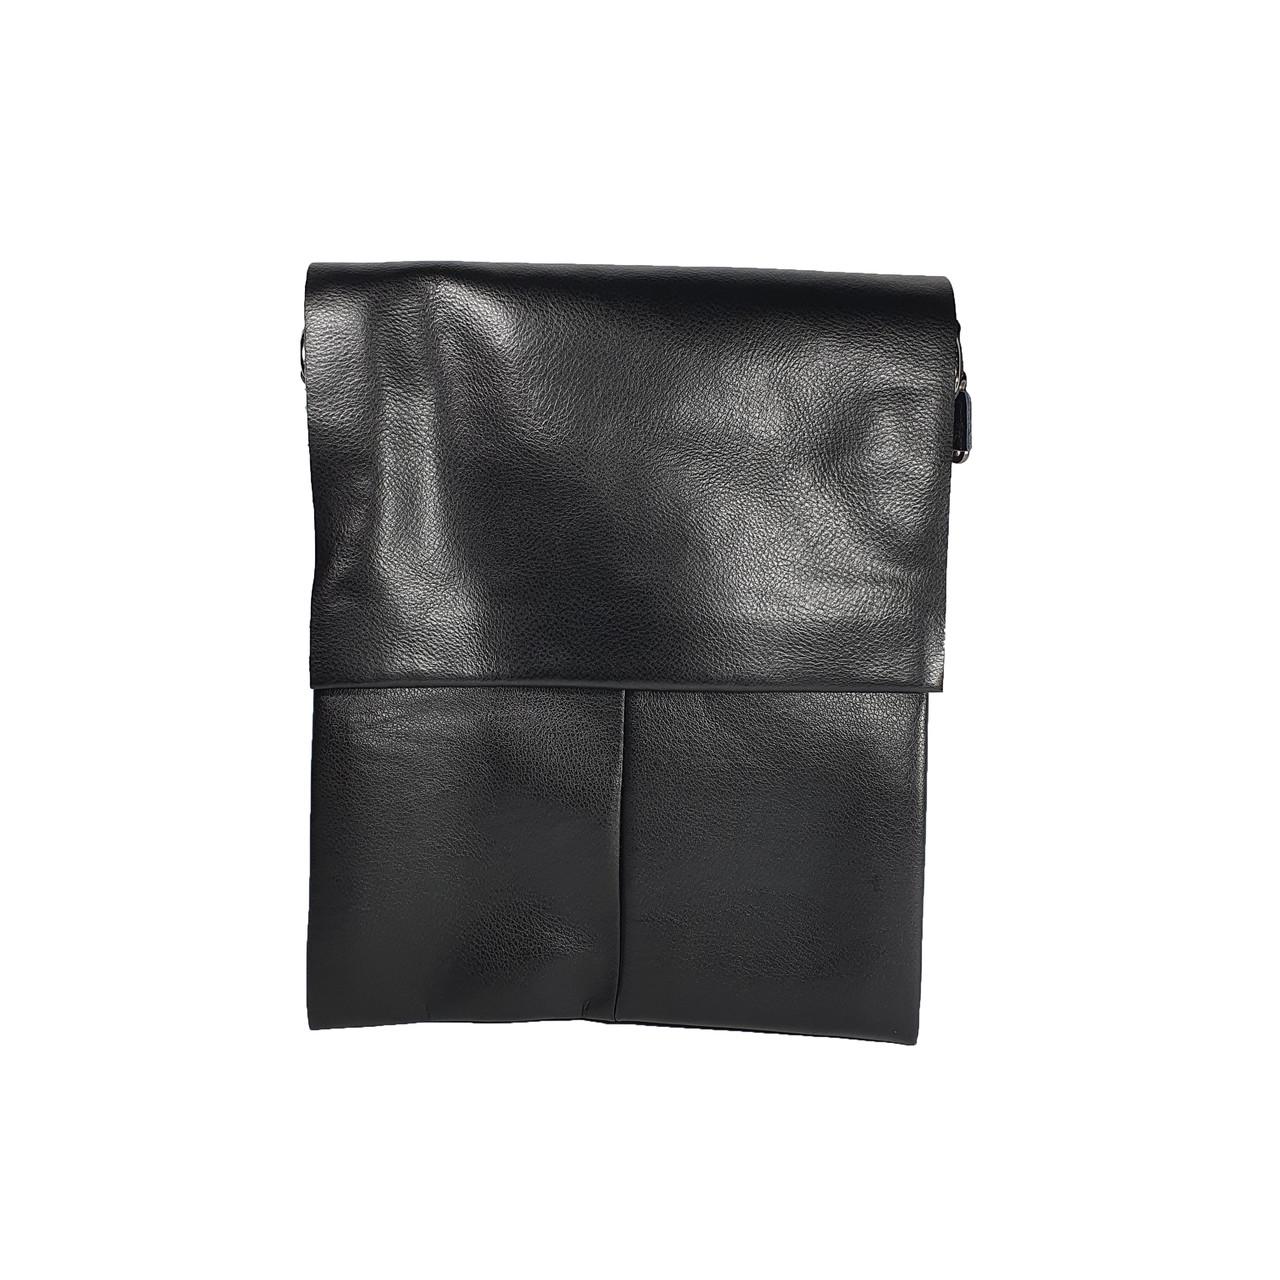 Многосекционная сумка с кожаным клапаном под формат А4